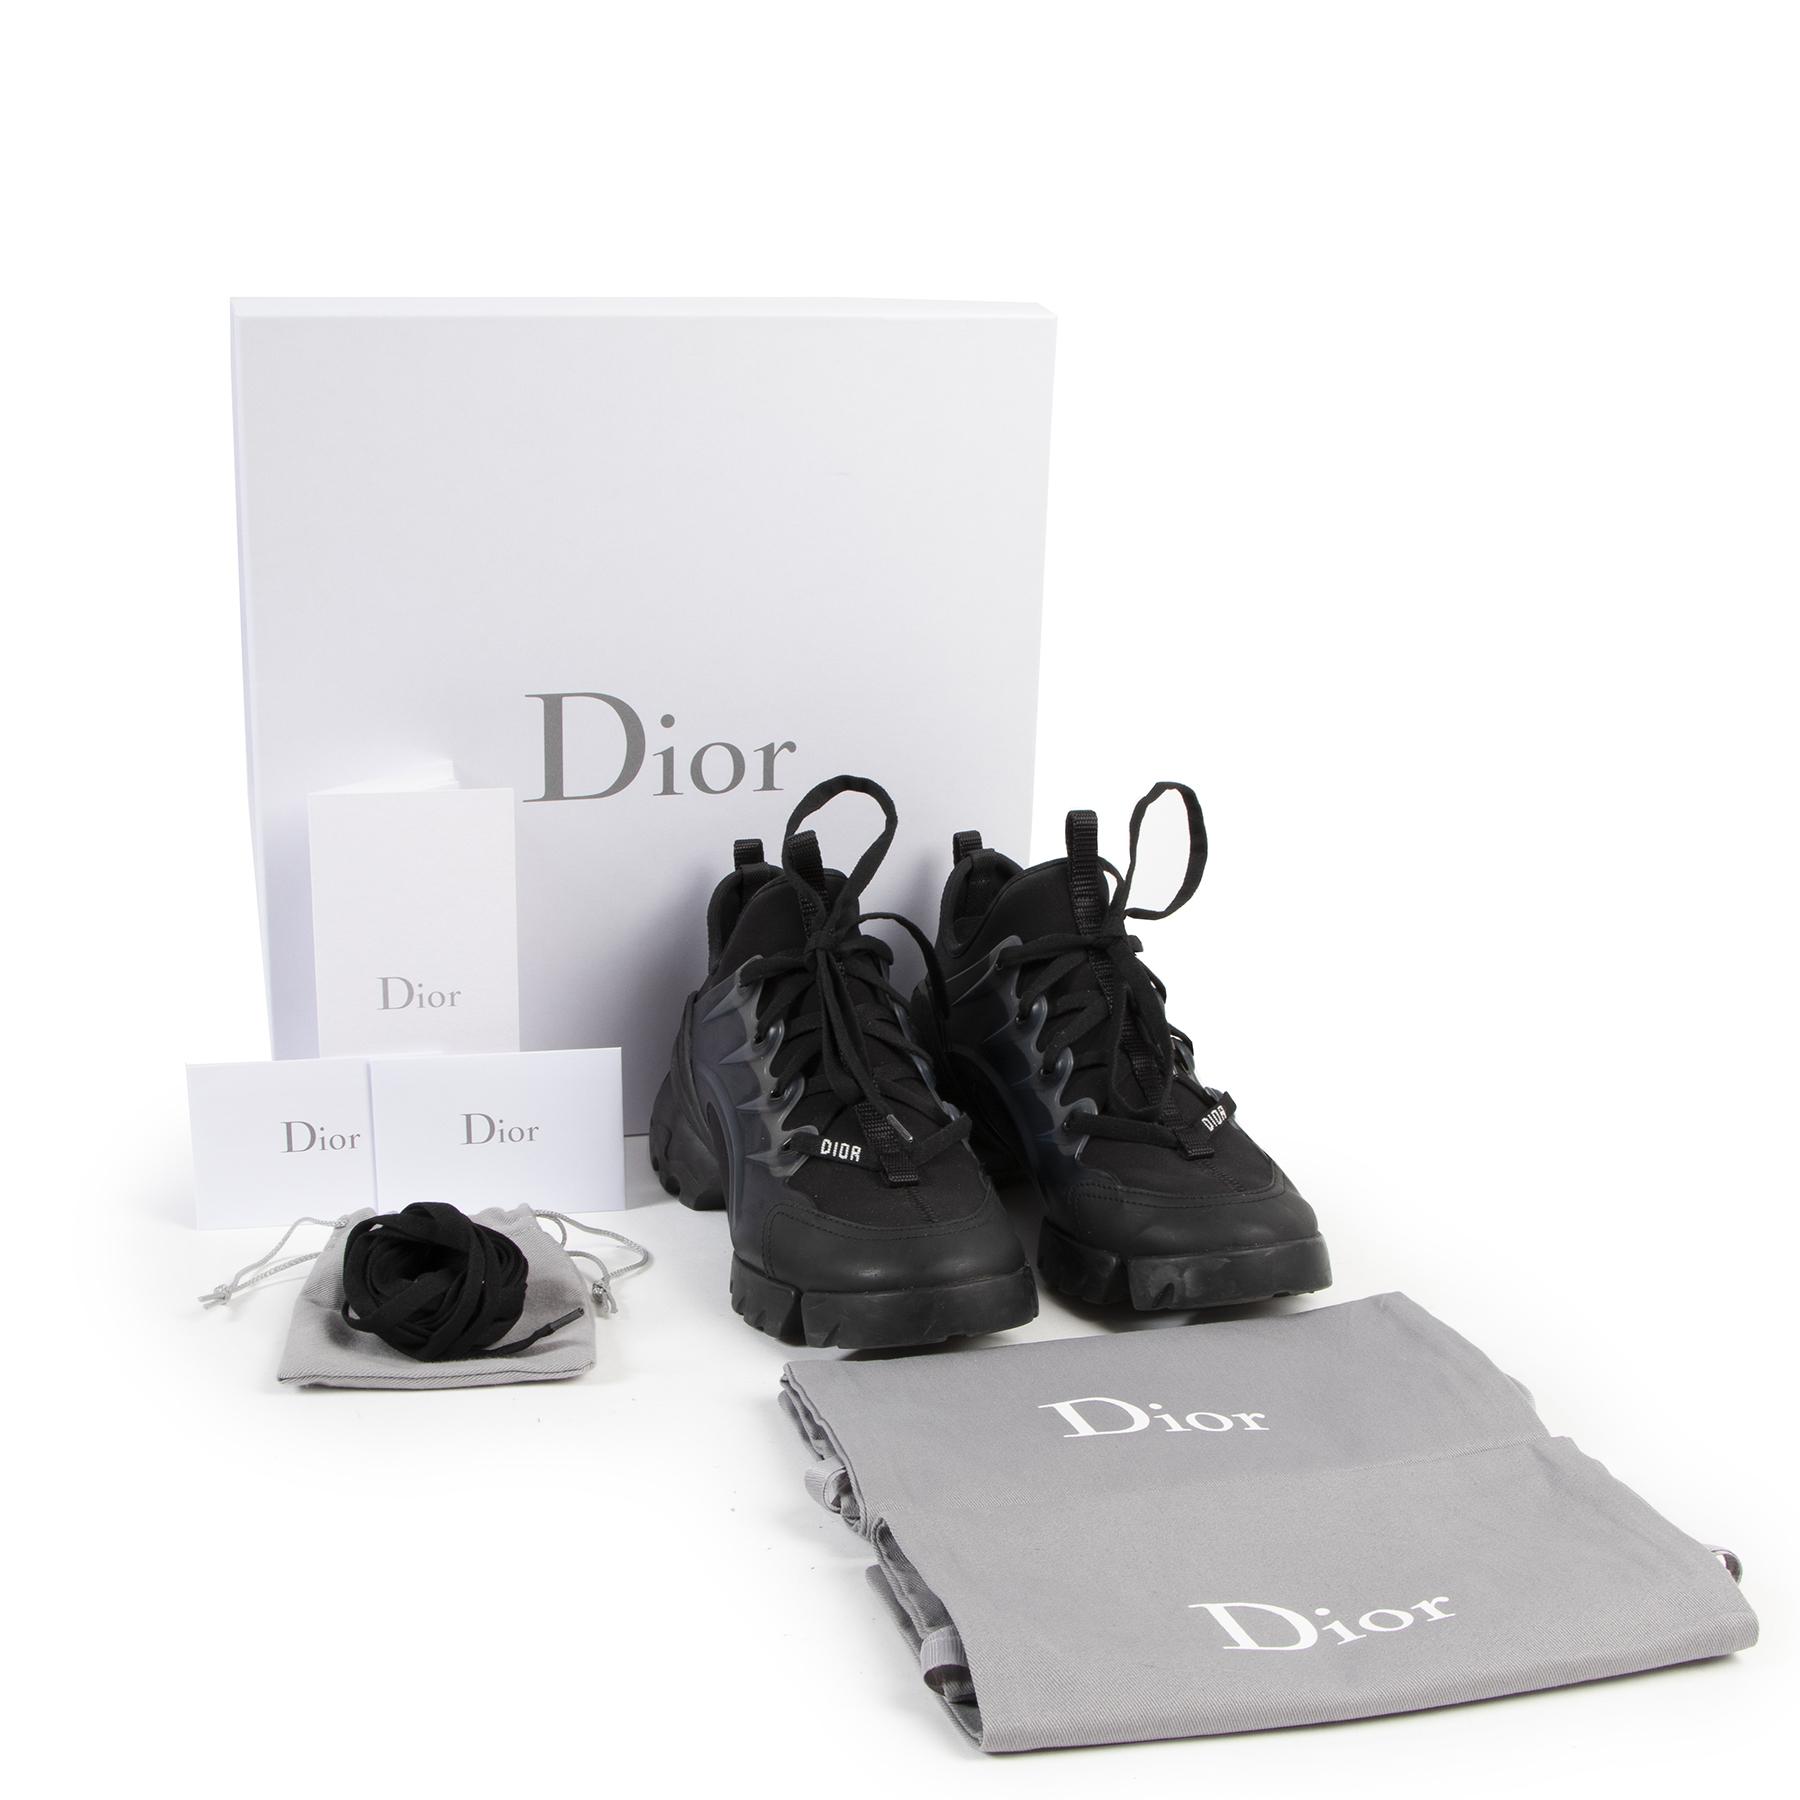 Authentieke Tweedehands Dior Black D-Connect Neoprene Sneakers - Size 36,5 juiste prijs veilig online shoppen luxe merken webshop winkelen Antwerpen België mode fashion